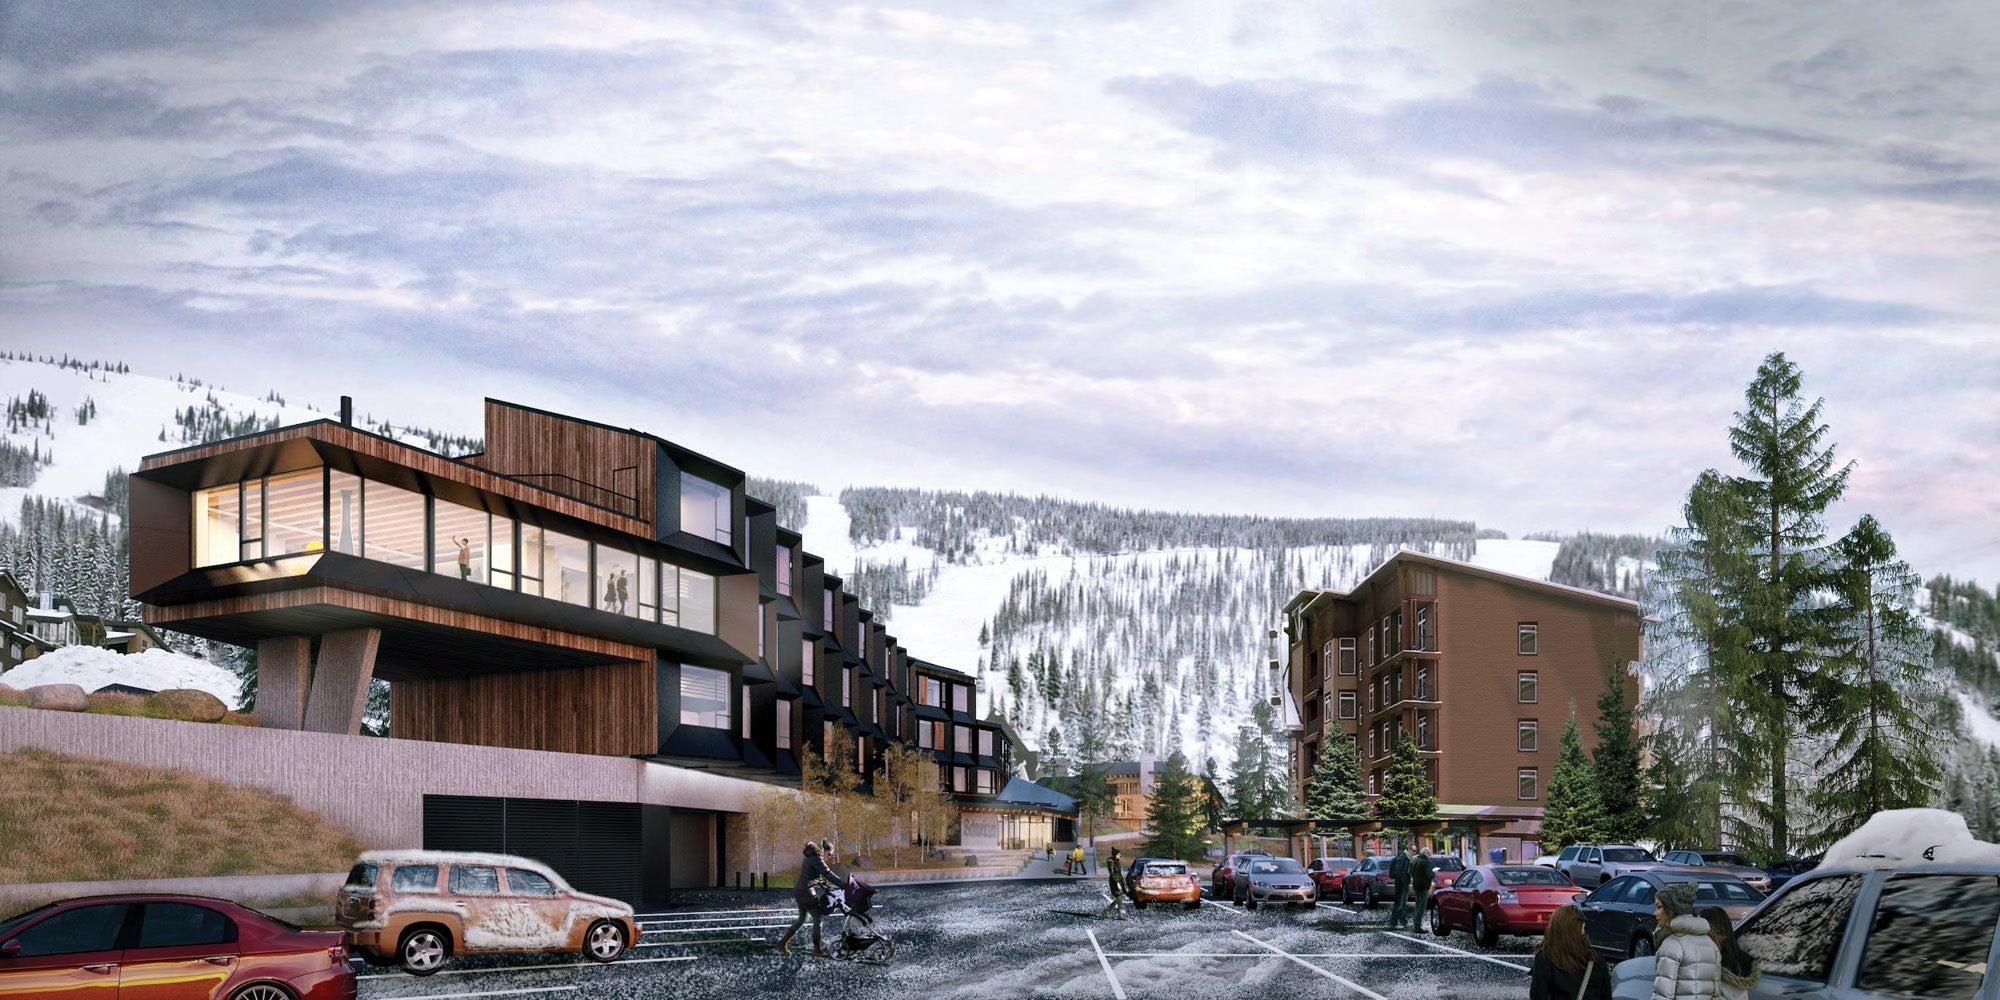 Slopeside development at Schweitzer